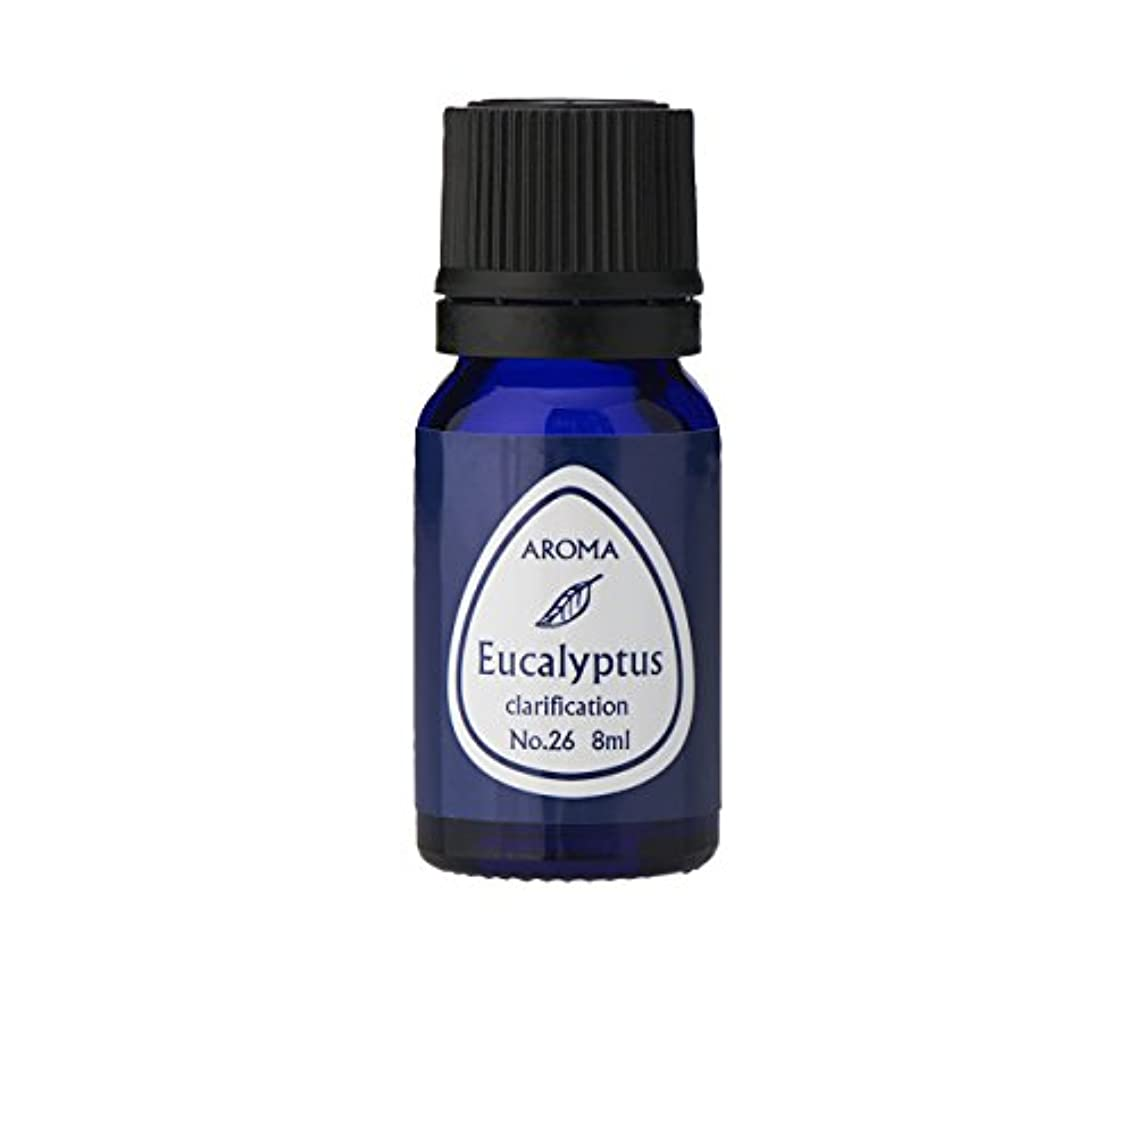 オゾンポジティブアレキサンダーグラハムベルブルーラベル アロマエッセンス8ml ユーカリ(アロマオイル 調合香料 芳香用)